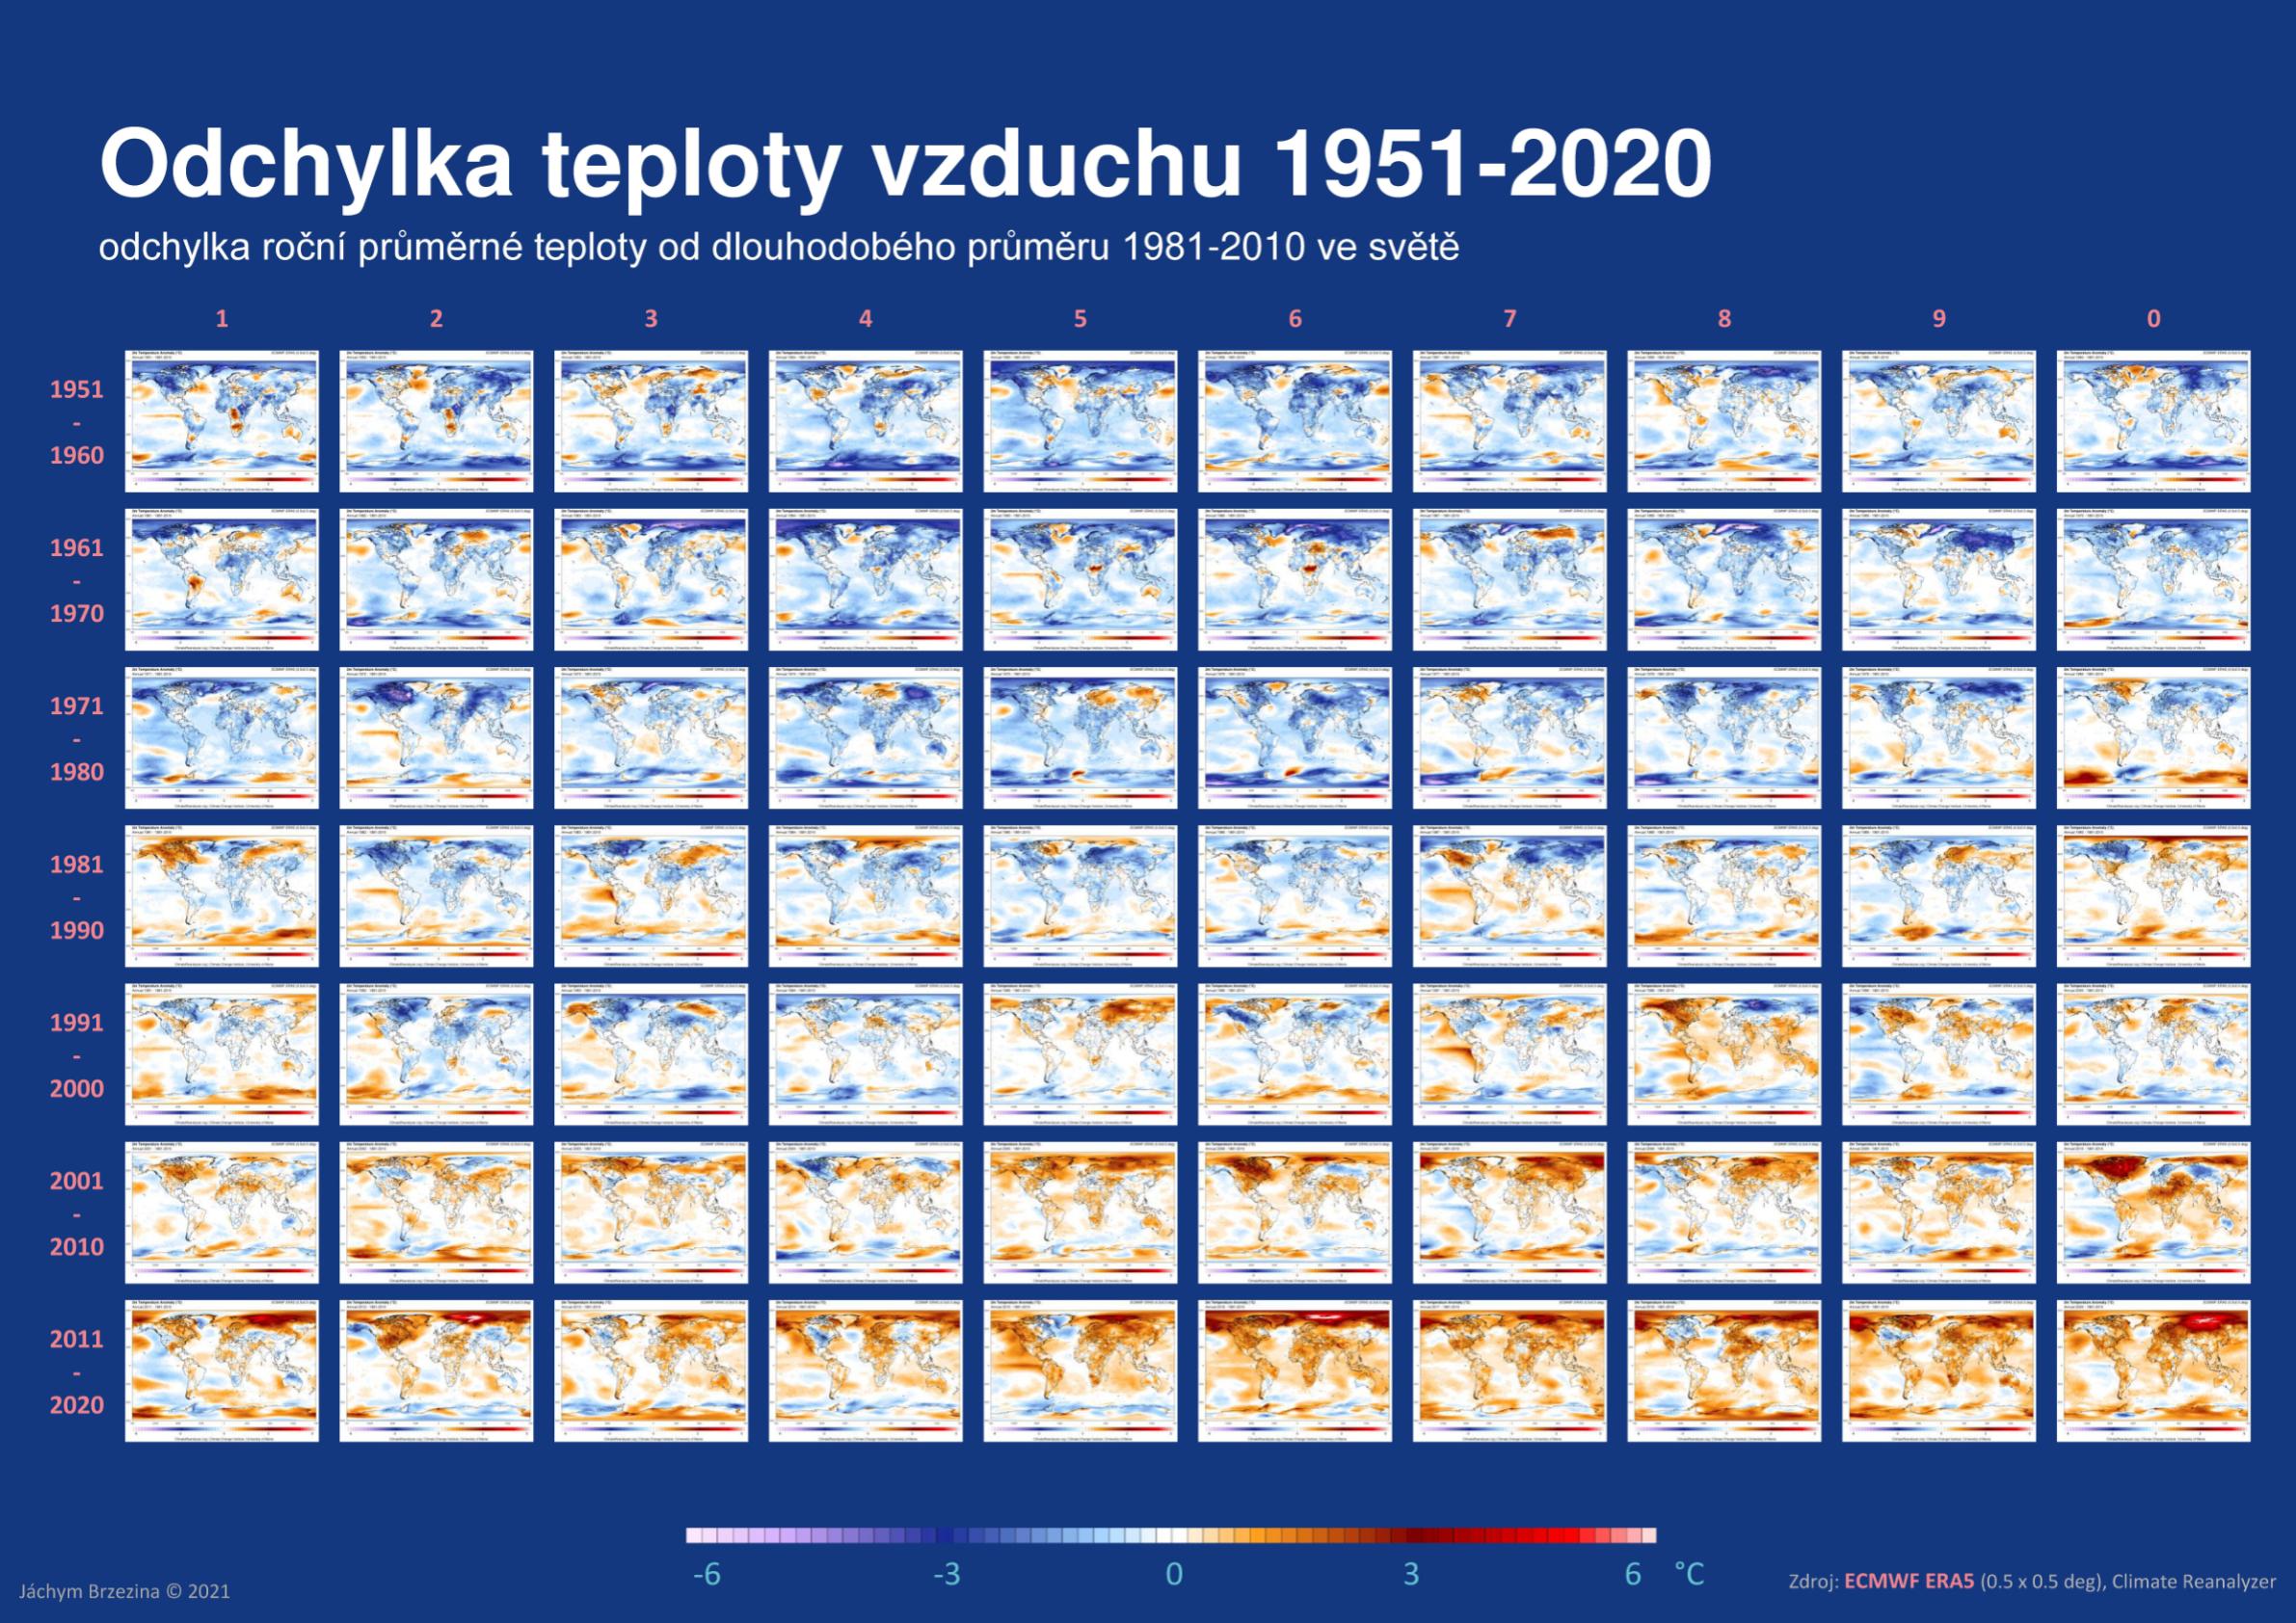 Odchylka teploty vzduchu ve světě 1951-2020*